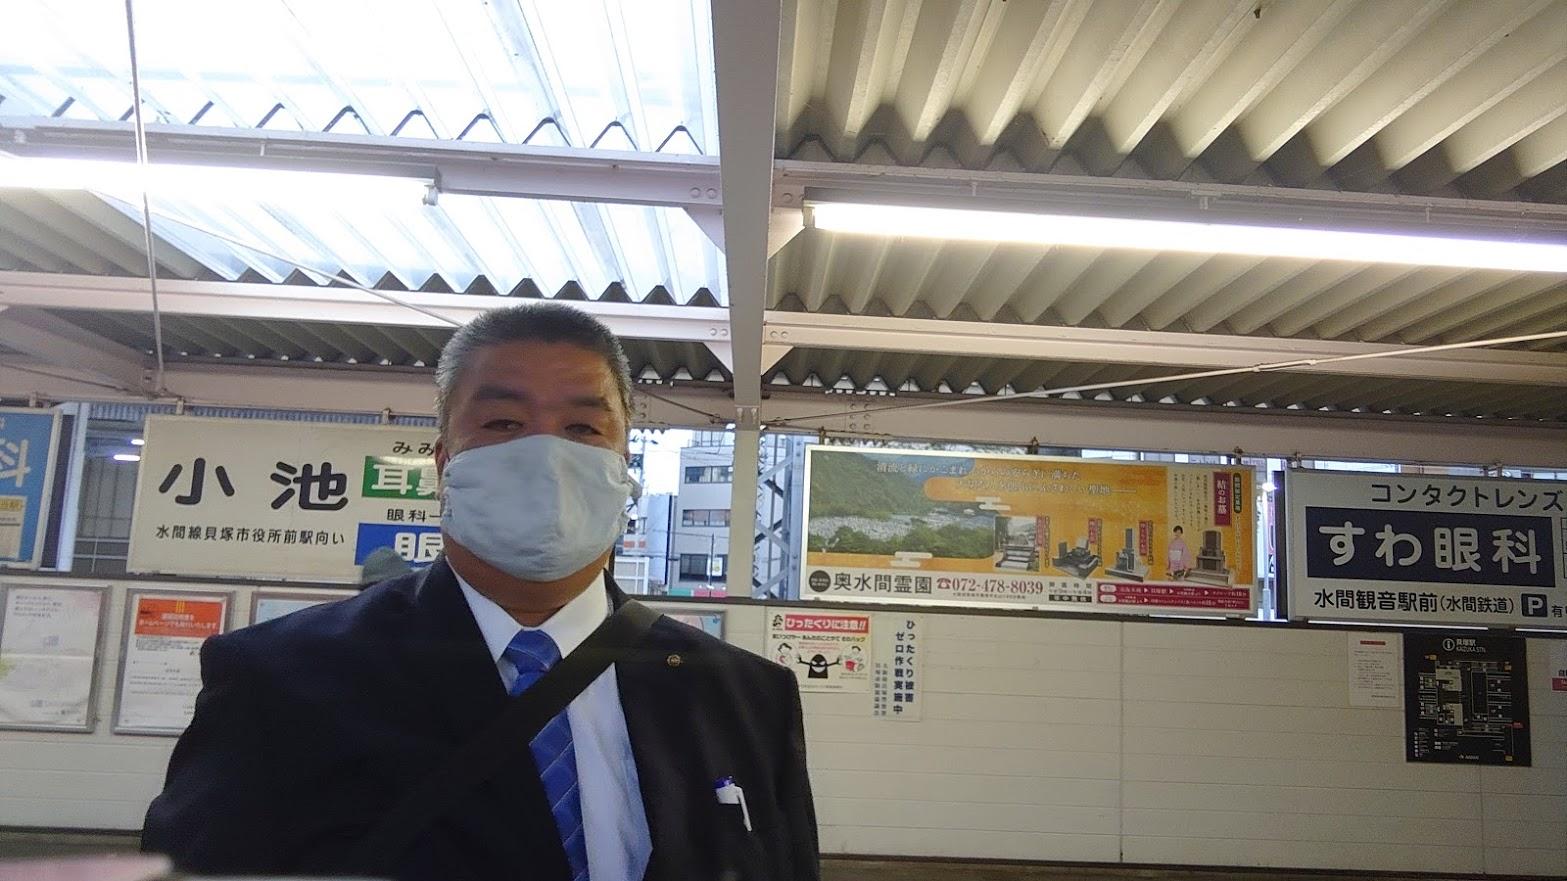 2021.4.13 南海貝塚駅東口にて朝のご挨拶